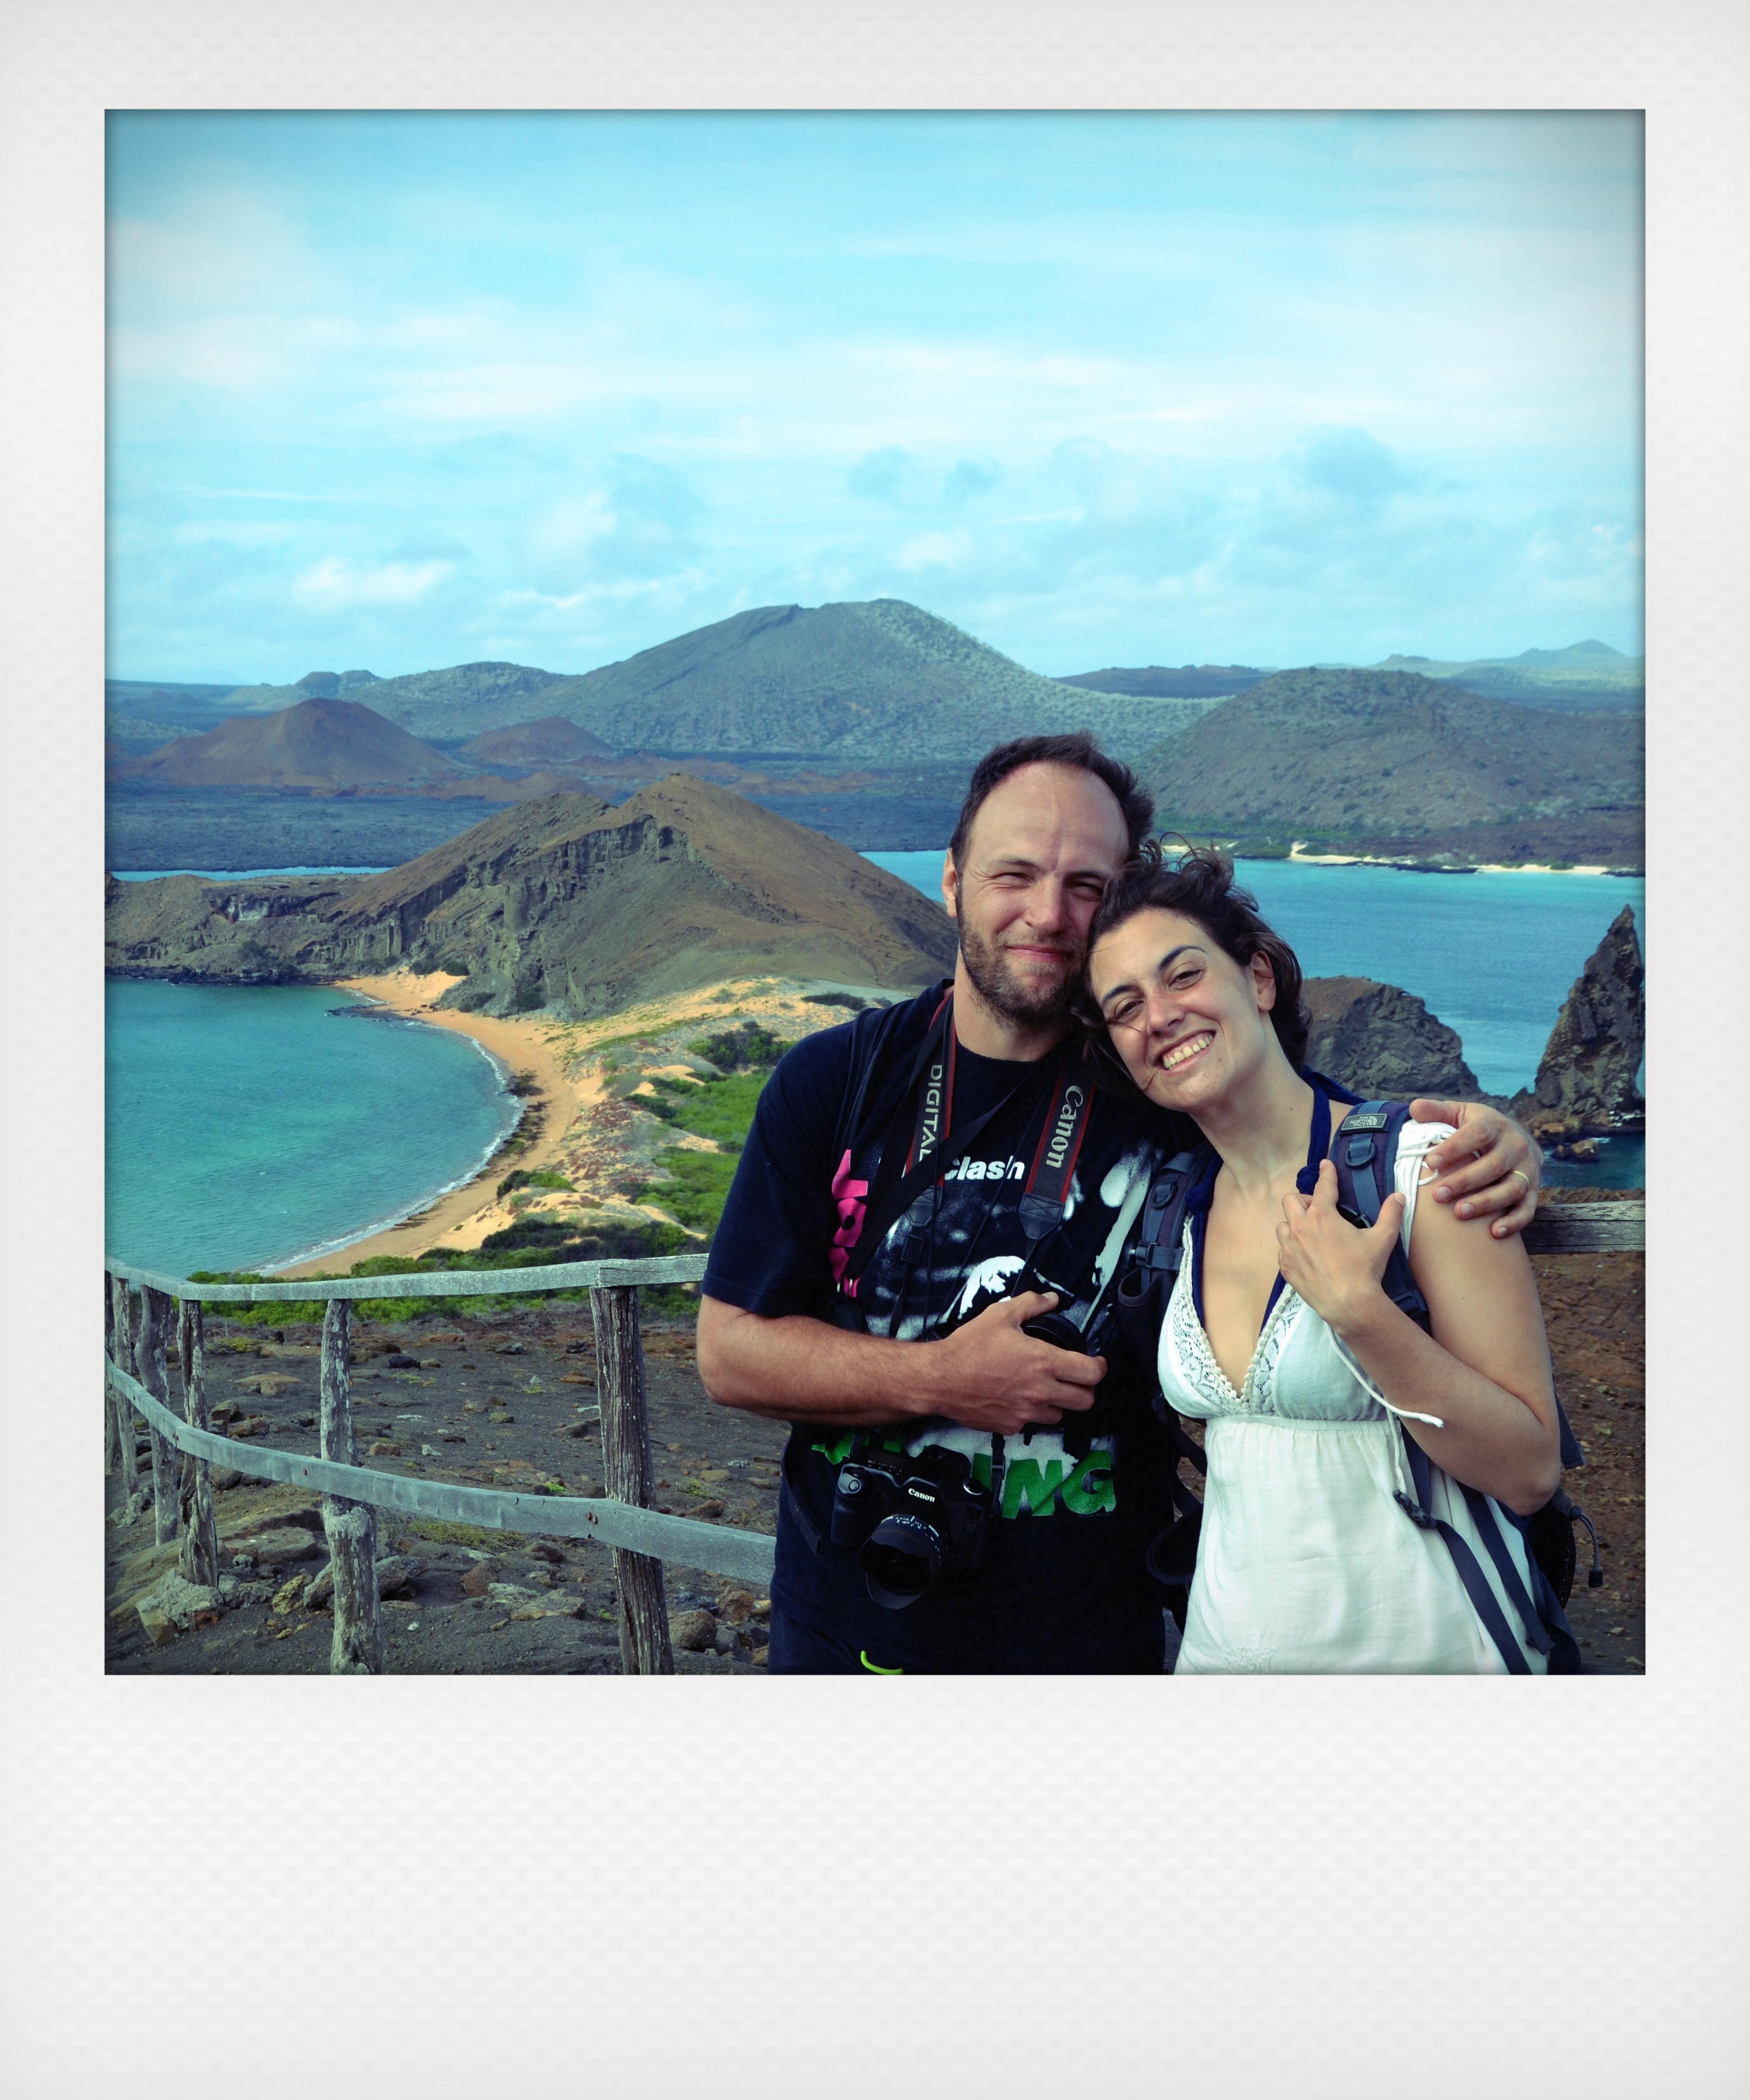 San Valentino, viaggiare in coppia è afrodisiaco